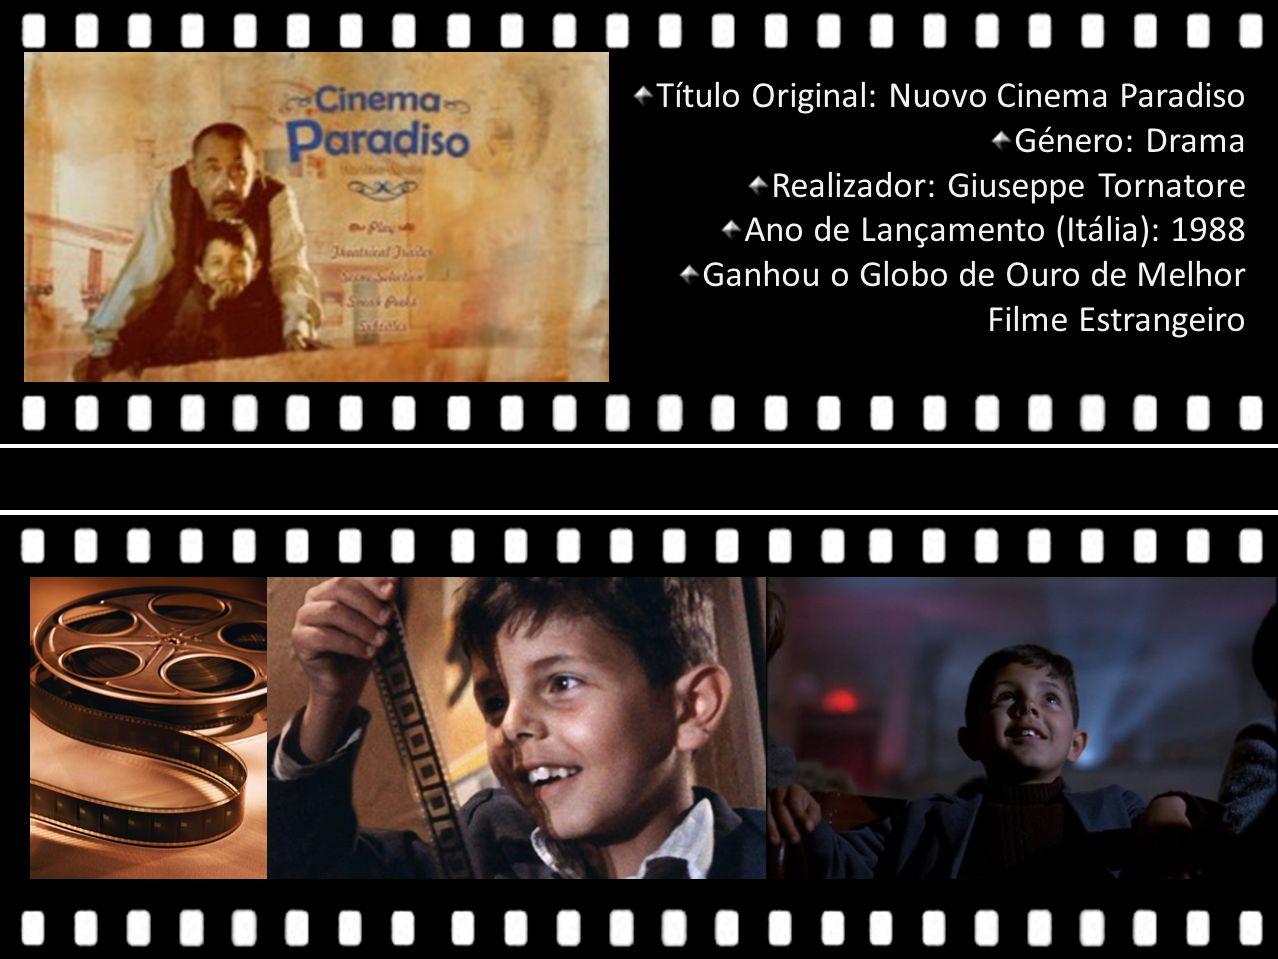 Título Original: Nuovo Cinema Paradiso Género: Drama Realizador: Giuseppe Tornatore Ano de Lançamento (Itália): 1988 Ganhou o Globo de Ouro de Melhor